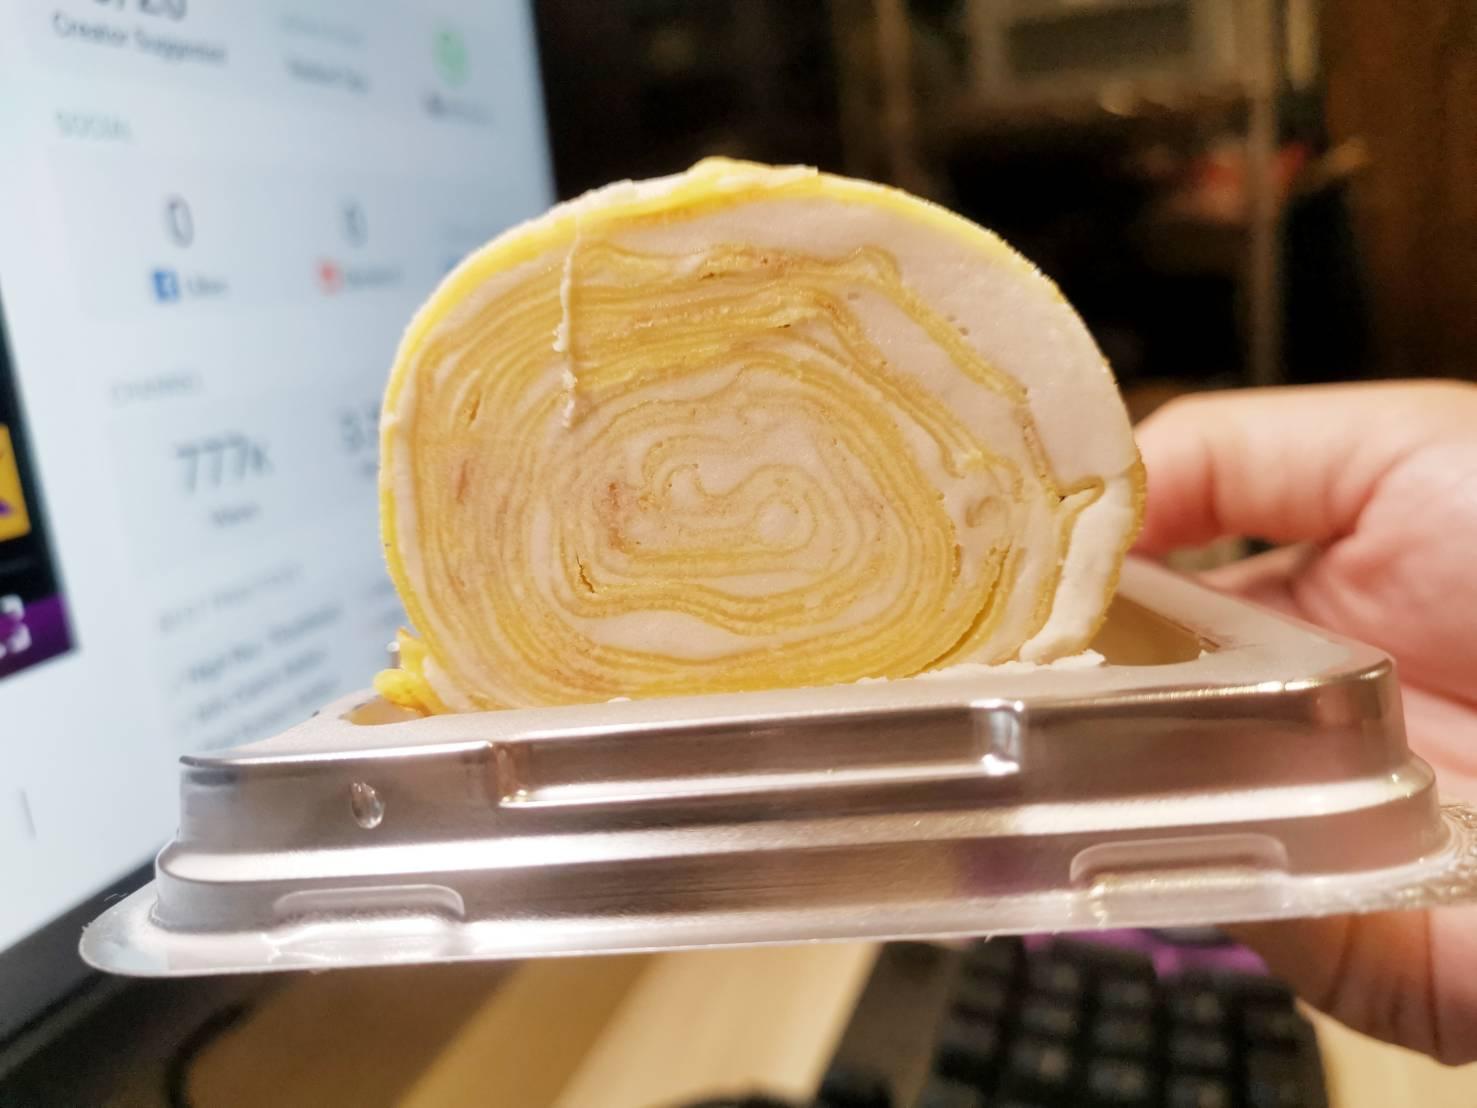 [全聯甜點]芋頭控看過來-全聯與鎮瀾宮聯名推出15款等多樣芋頭甜點鹹食,通通都用大甲芋頭做的喔 大推芋泥千層捲